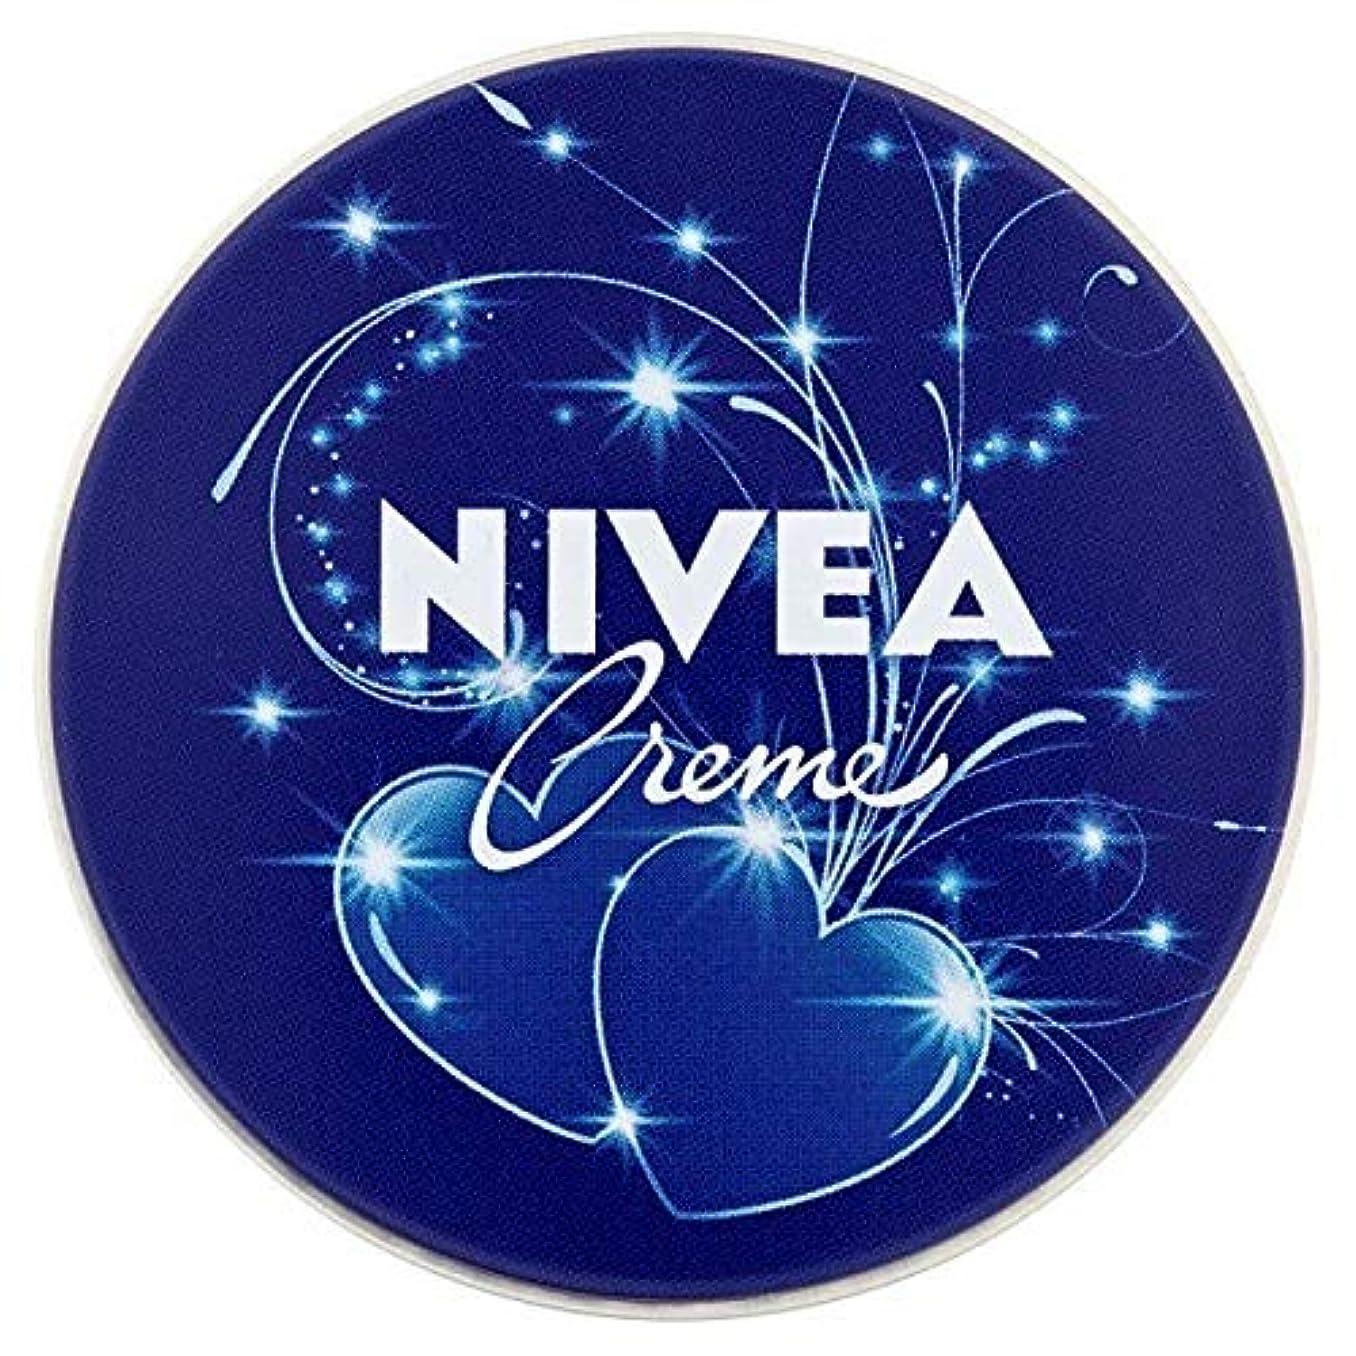 混乱させるずんぐりした[Nivea ] ニベアクリーム錫30ミリリットル - Nivea Creme Tin 30ml [並行輸入品]